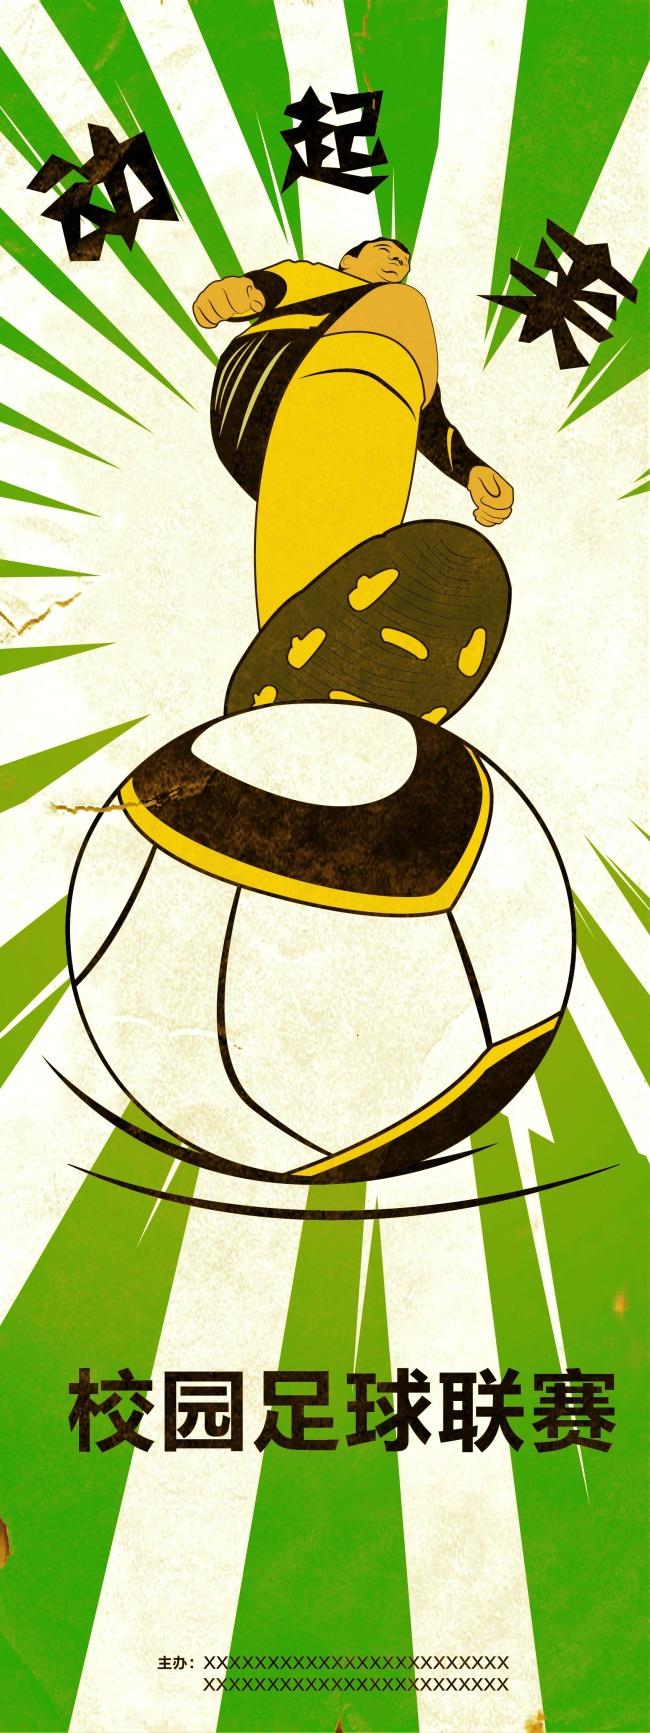 足球运动海报